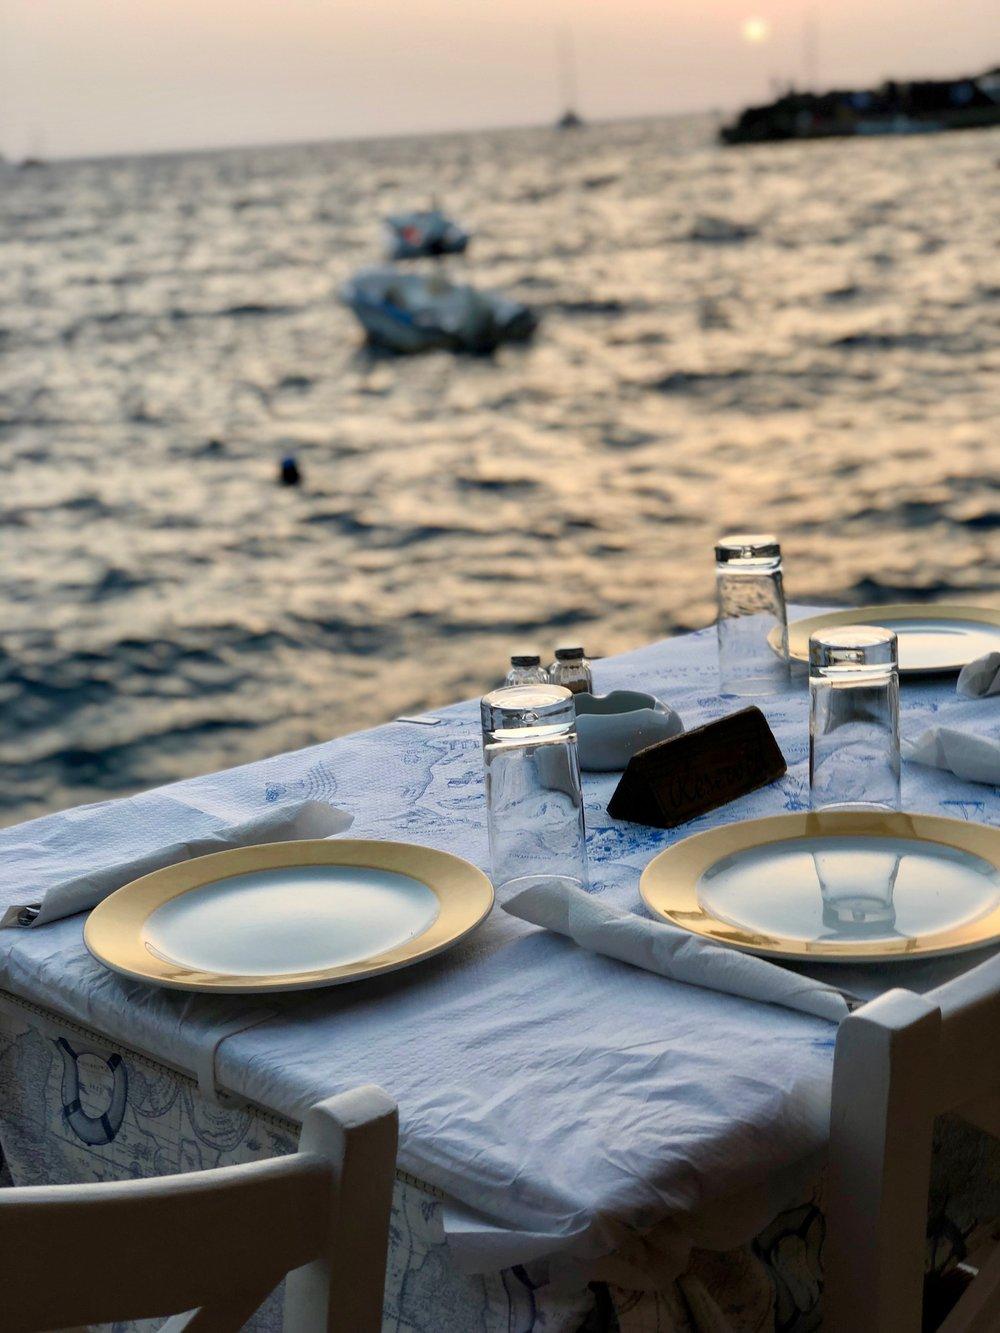 Sunset dinner in Amoudi Bay